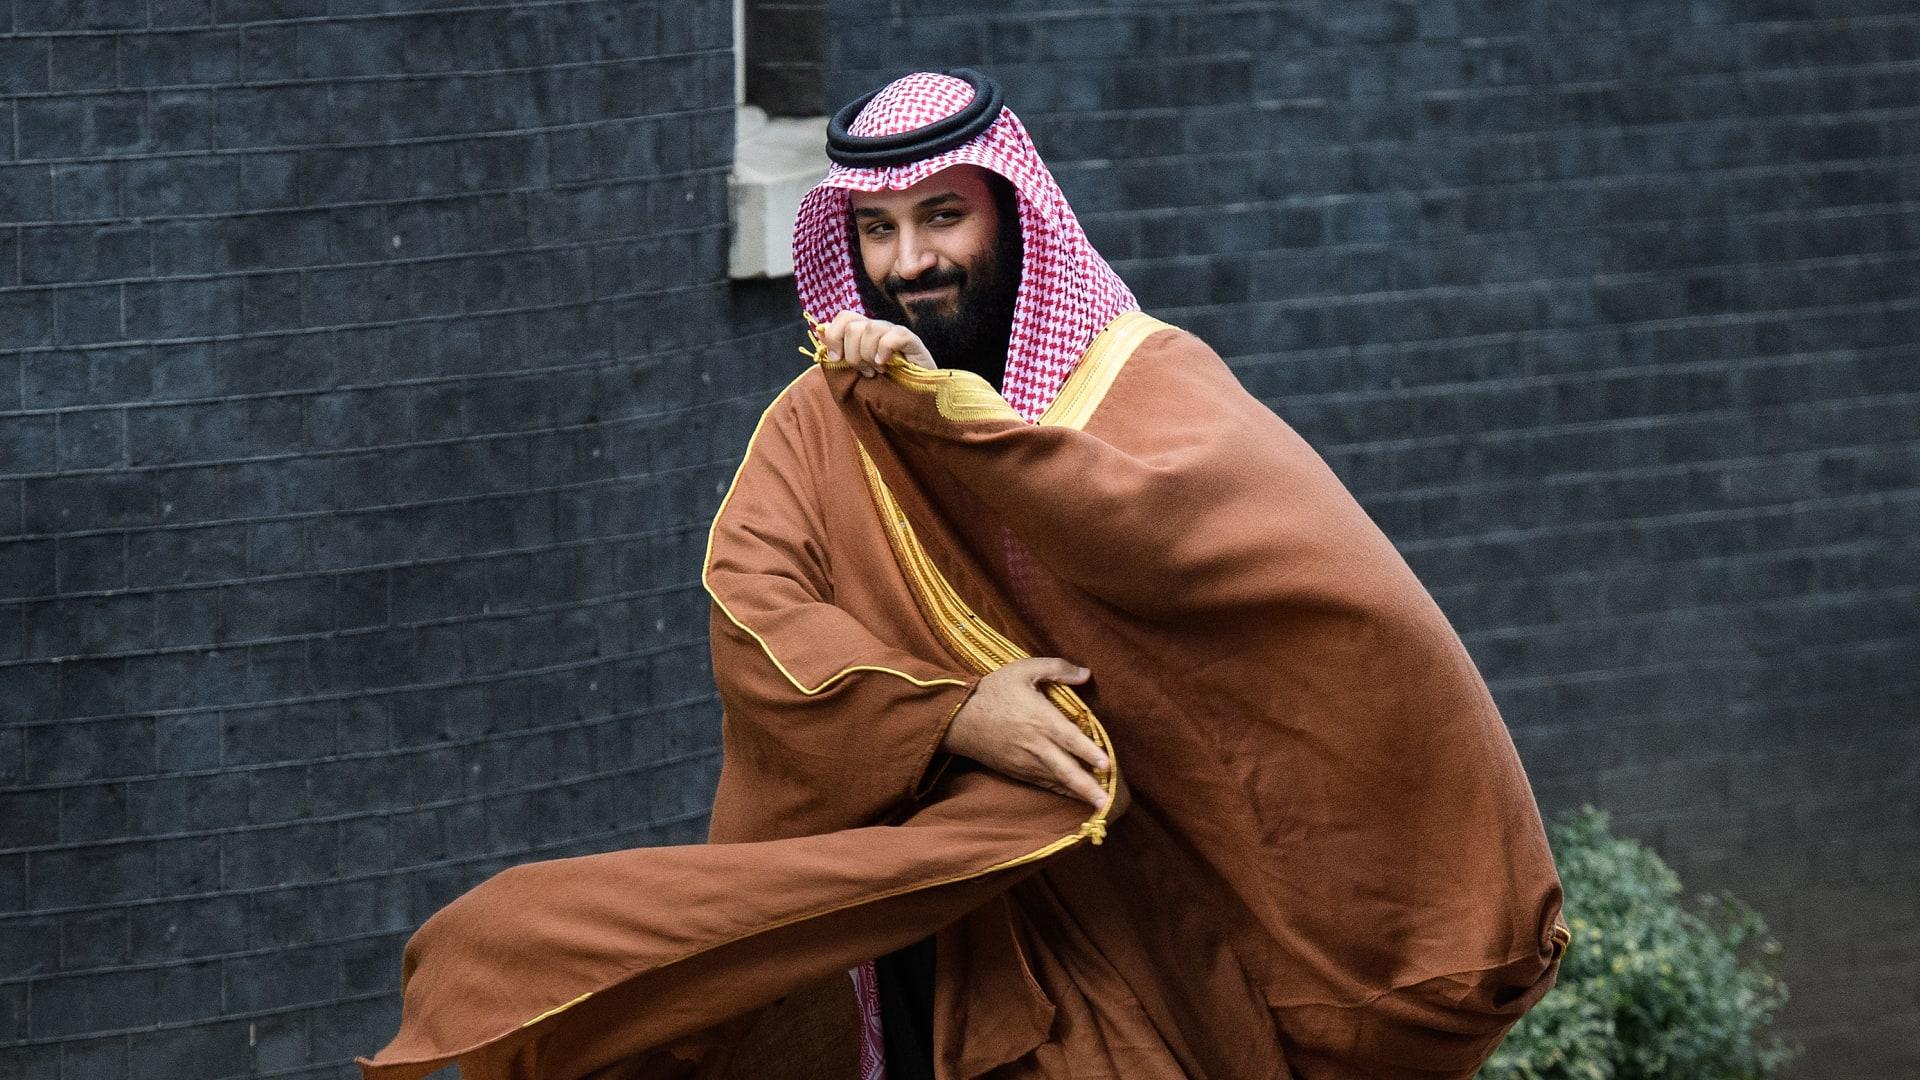 تغير موقف ولي العهد السعودي من إيران بعد سنوات من العداء.. فريد زكريا يعلق